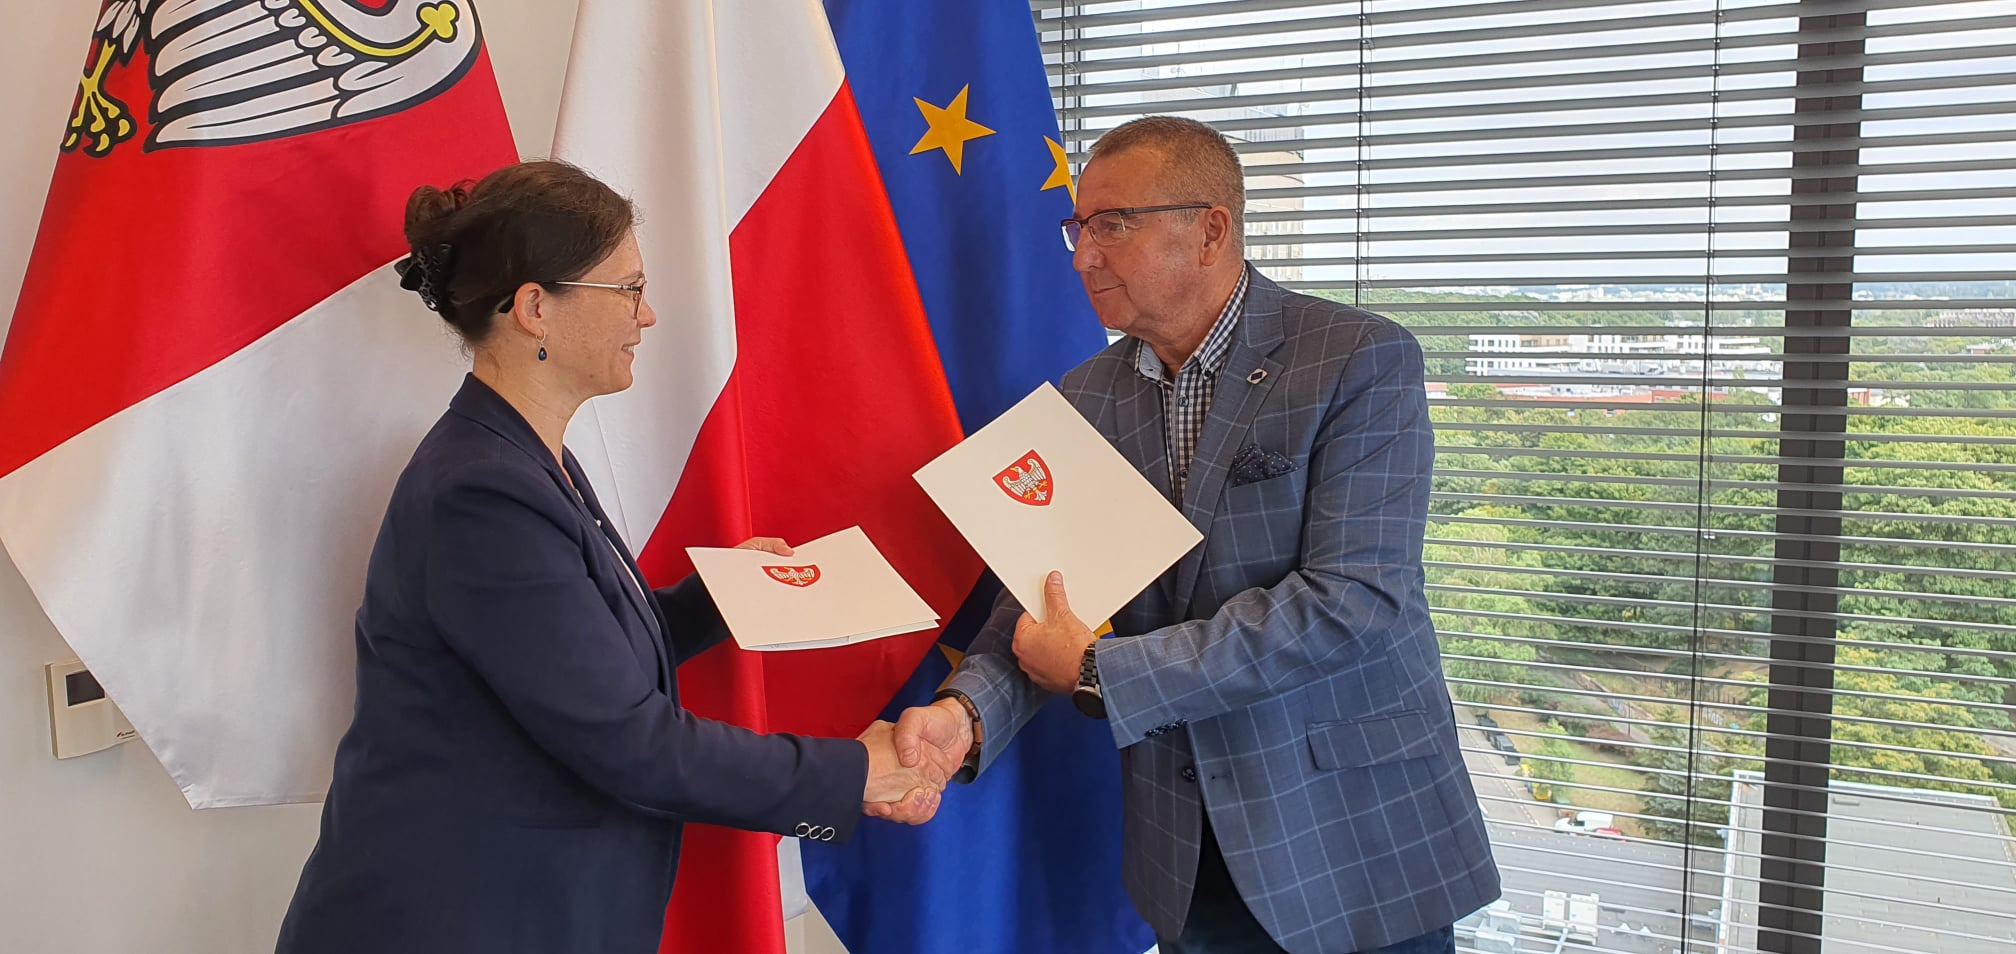 100 tys. zł na kolejną szatnię w gminie Jaraczewo. Burmistrz podpisał umowę    - Zdjęcie główne